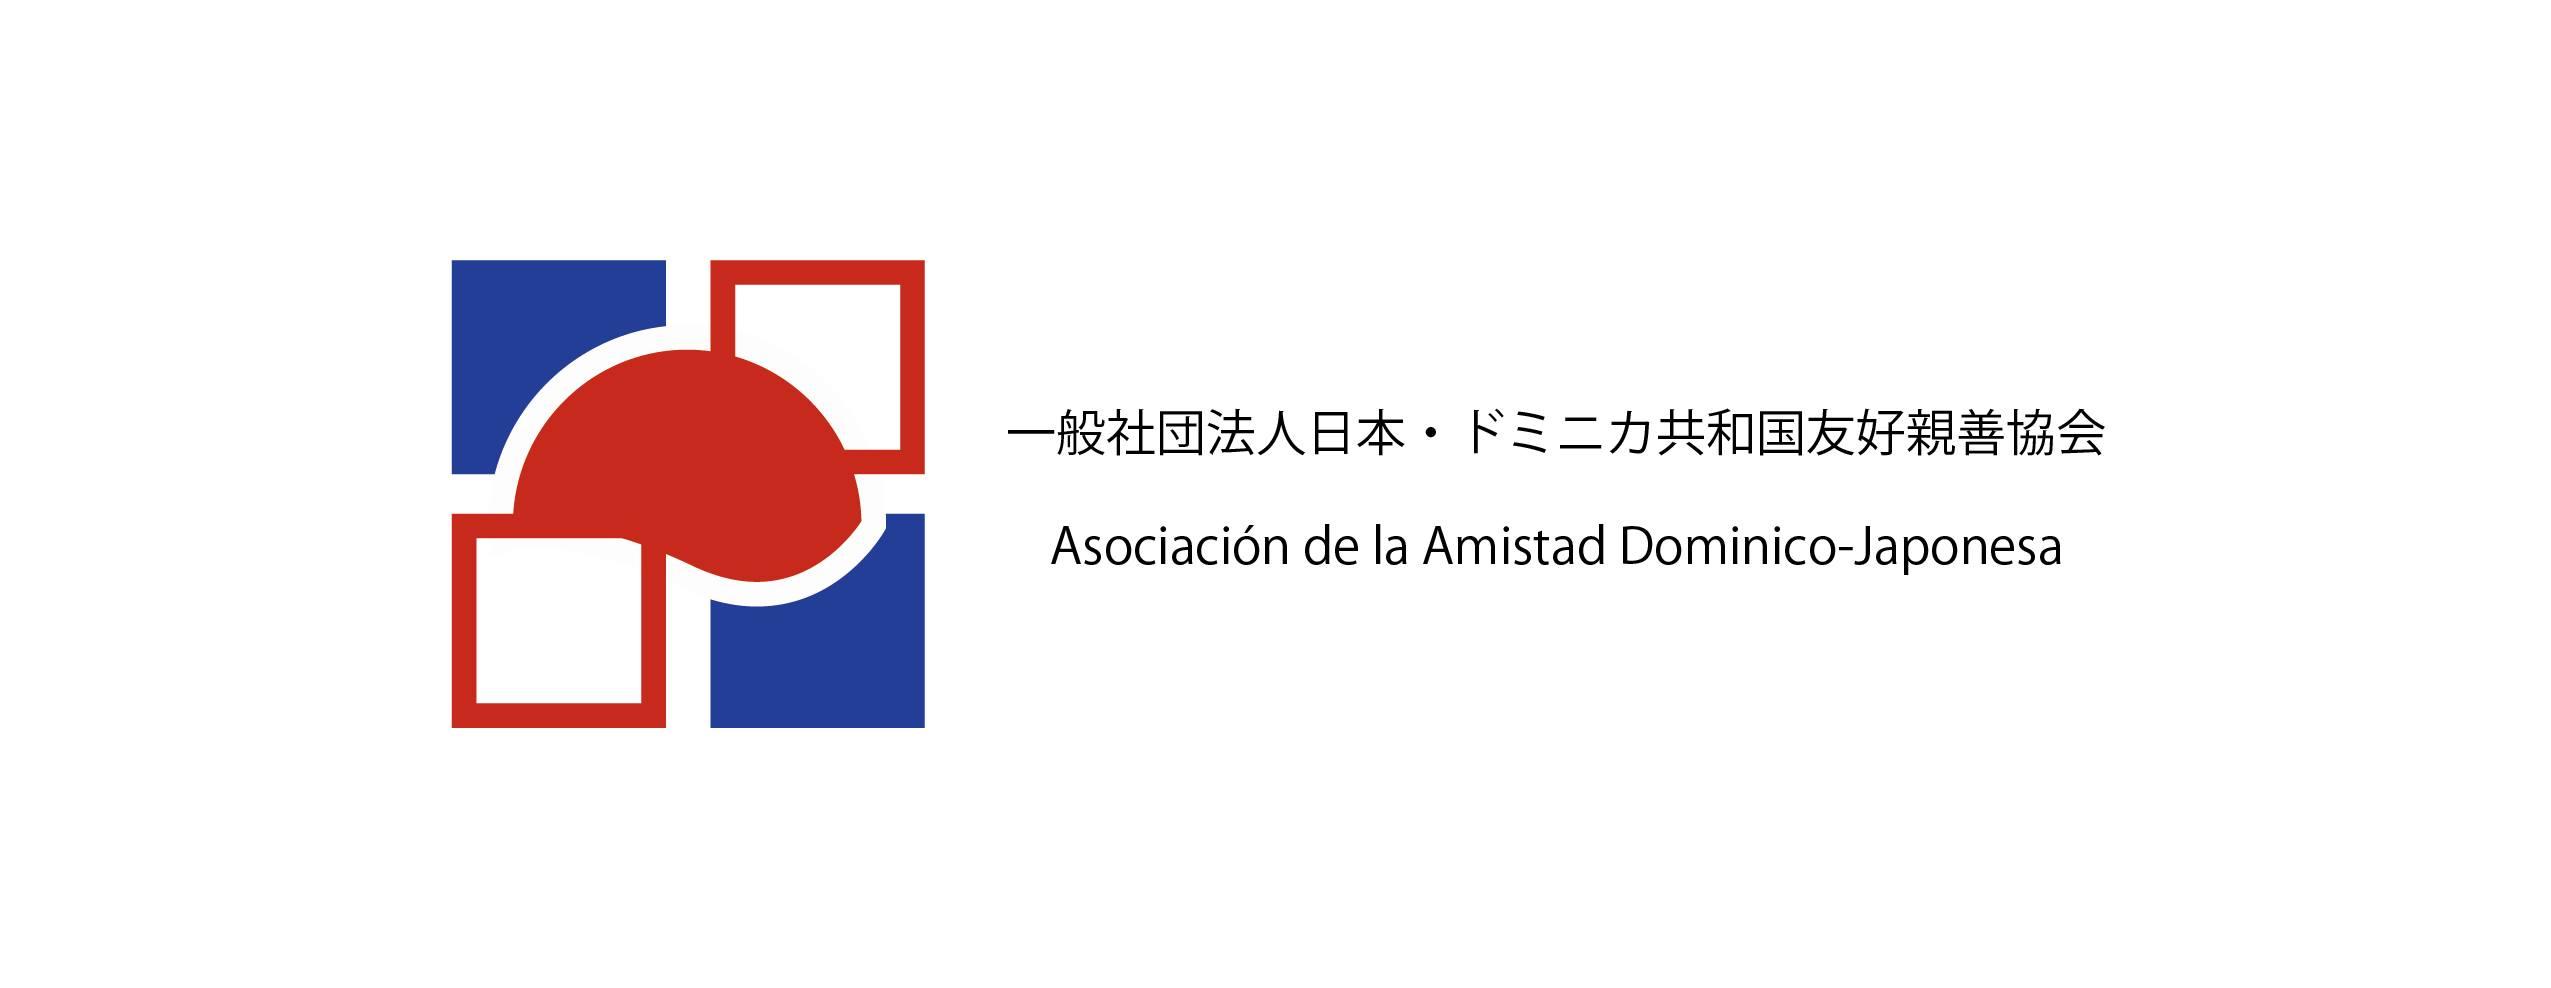 協会のロゴ決定!(Logo de la Asociación)